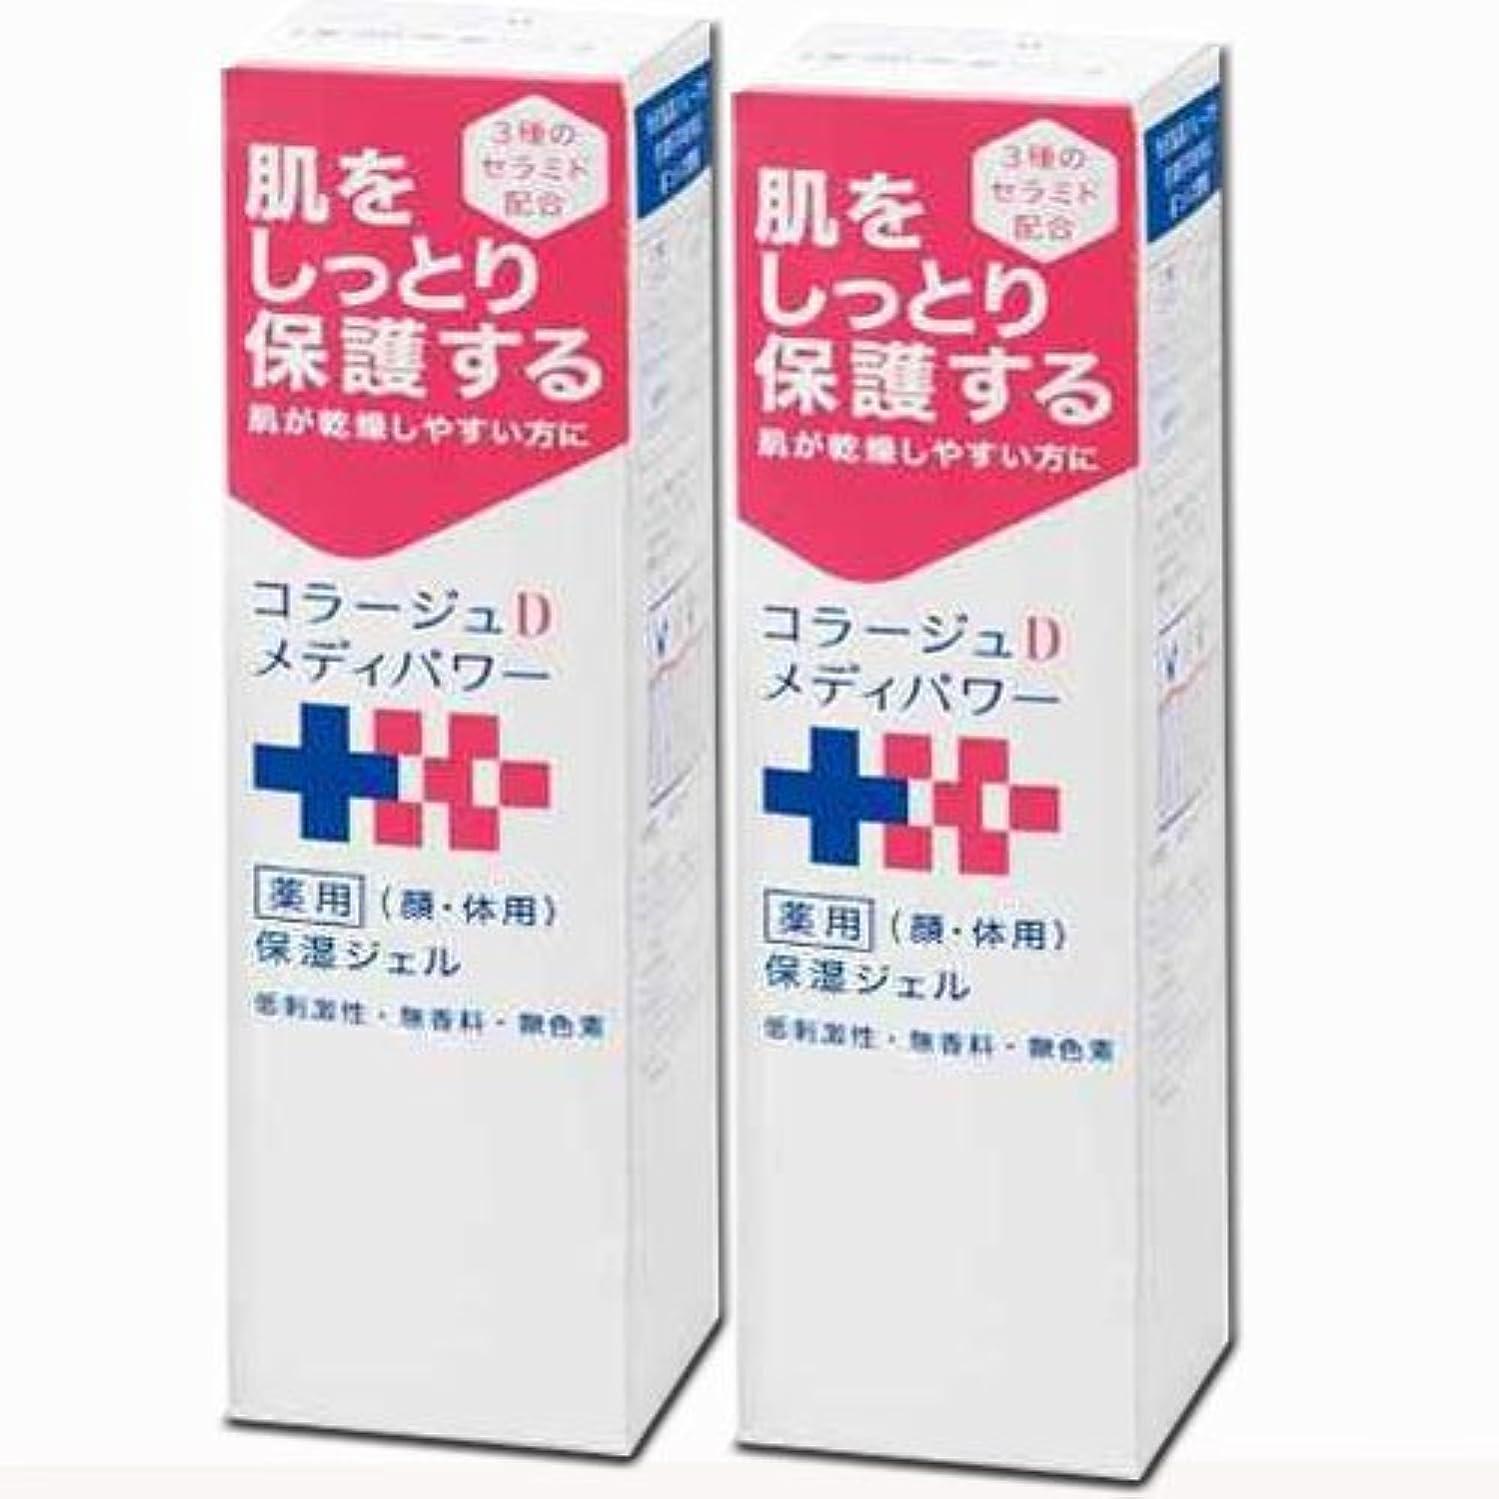 【2個】持田製薬コラージュDメディパワー保湿ジェル 150ml×2個 (4987767650012-2)